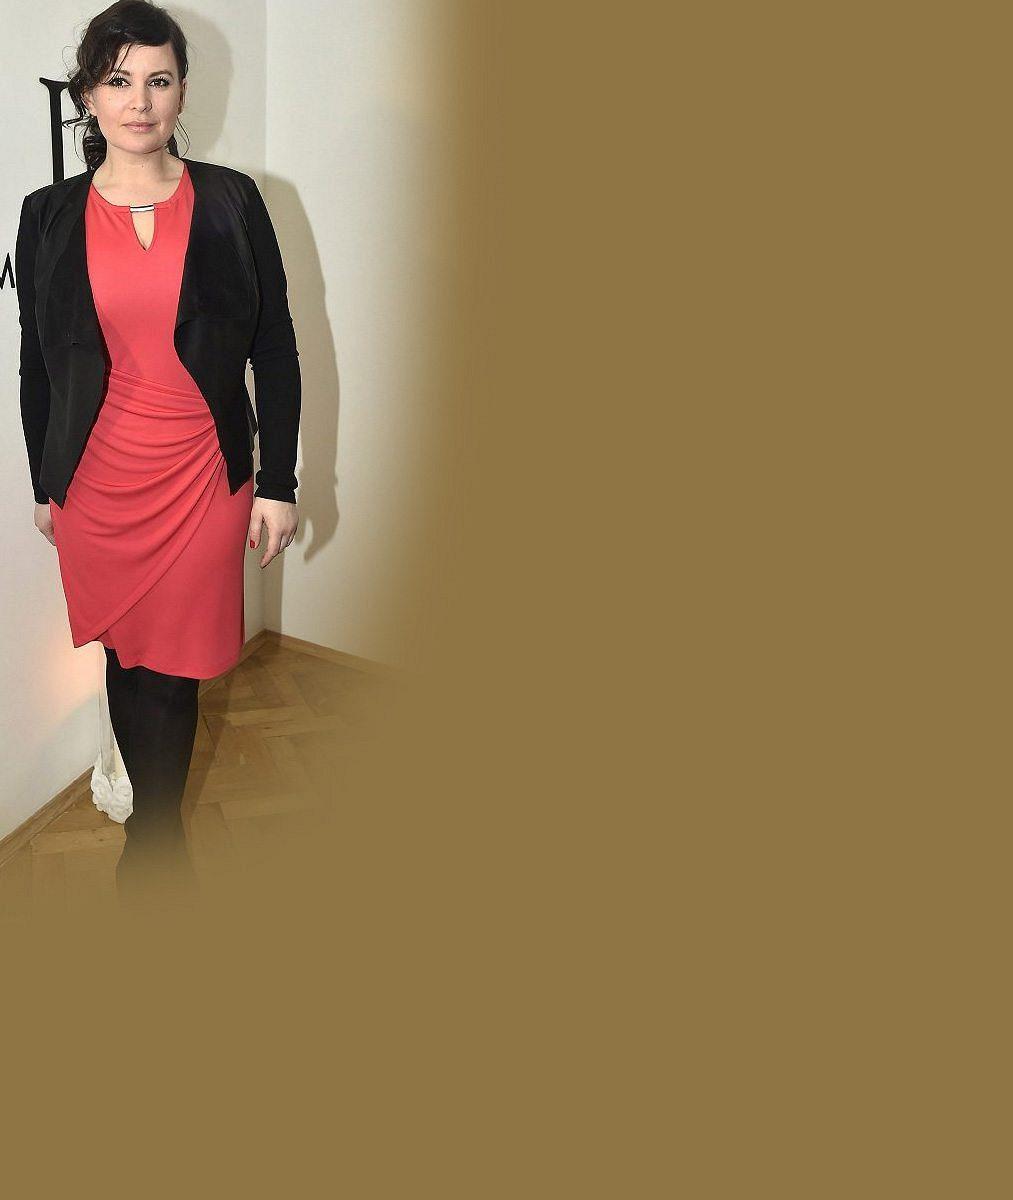 Konečně pořádná sexy samice: Jitce Čvančarové ušila návrhářka obtažené šaty s průsvity od boků po stehna